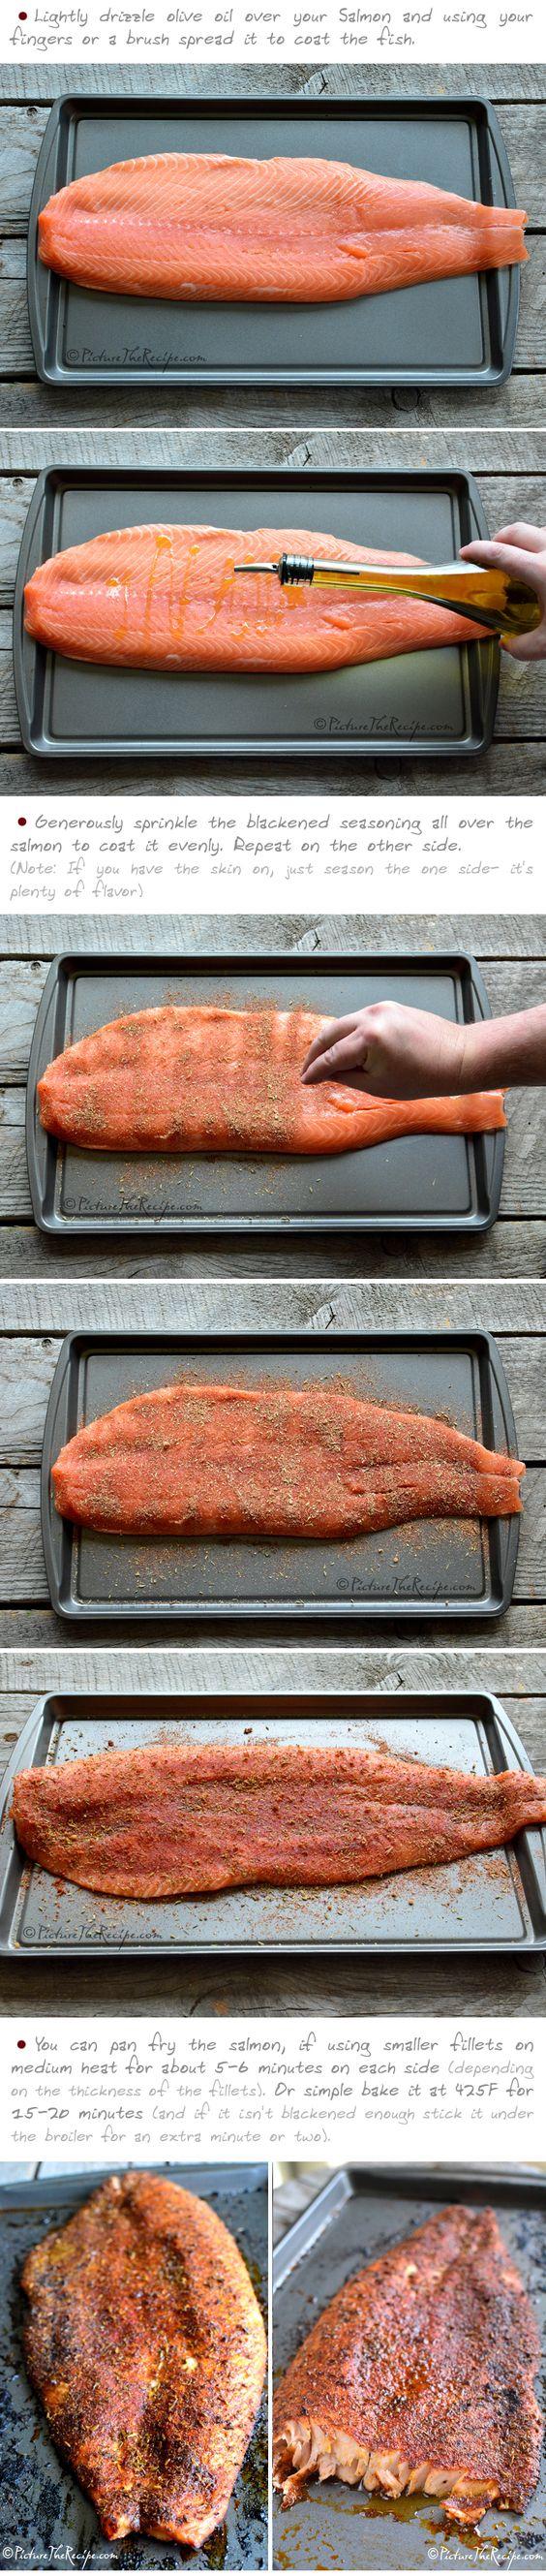 Blackened Salmon Recipe (Part-2) - PictureTheRecipe.com